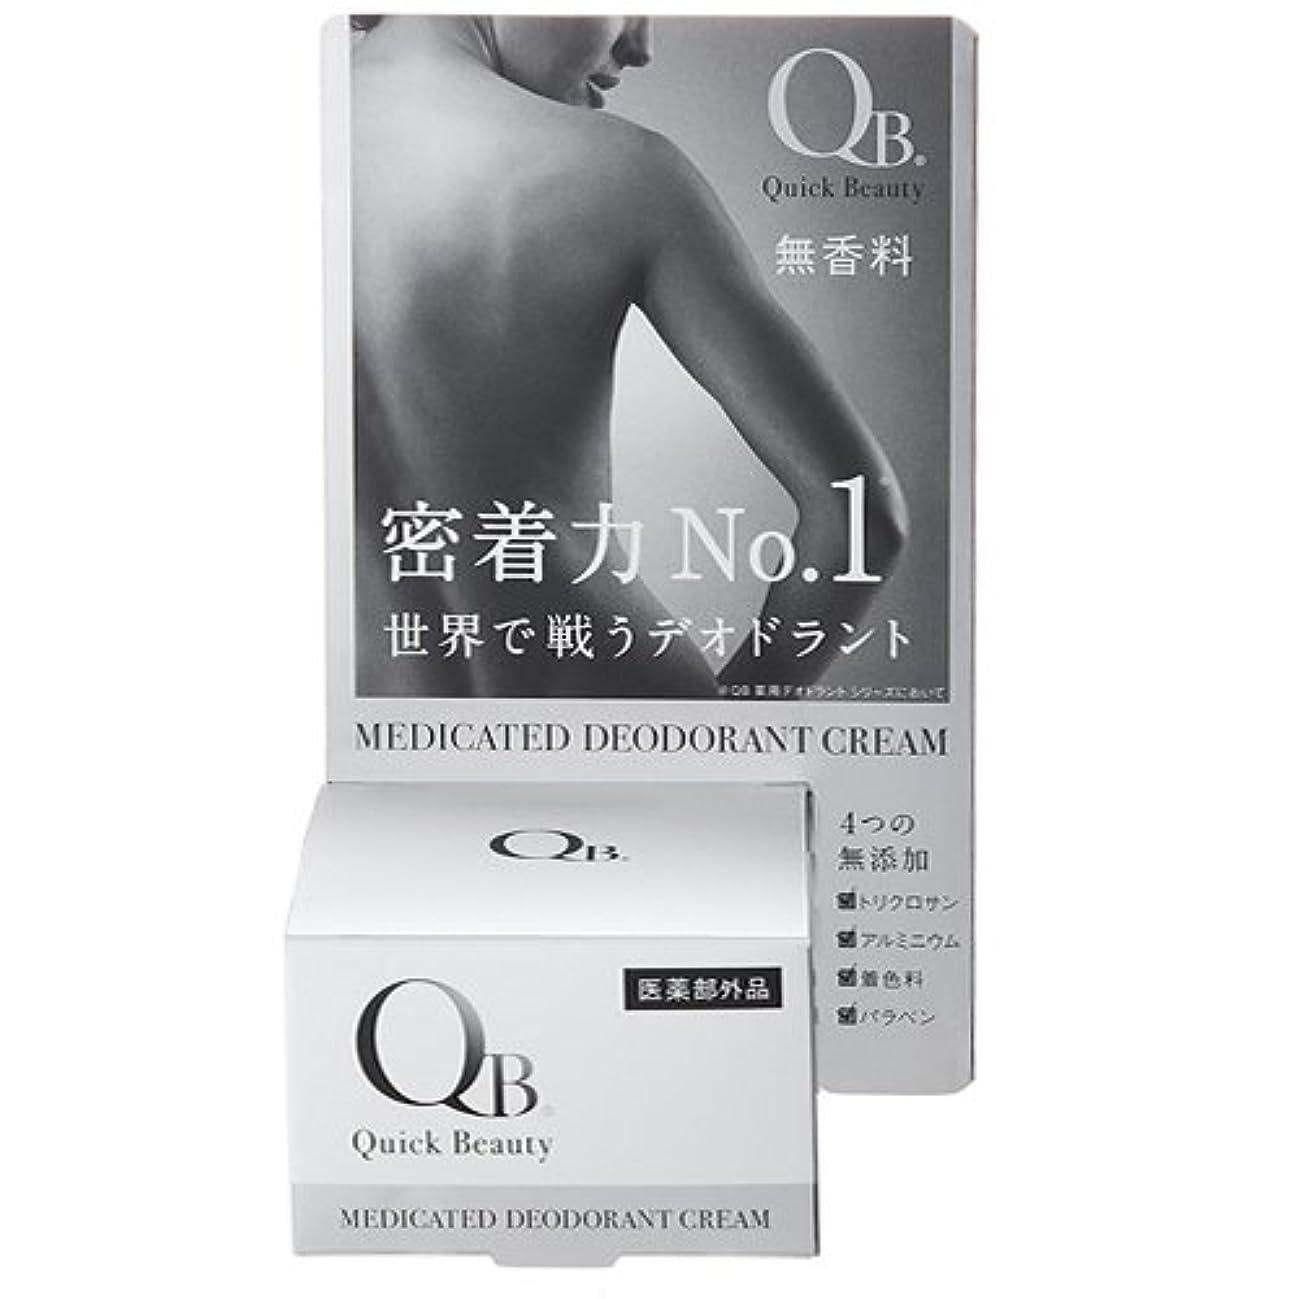 曲線ナンセンスインタネットを見る3個セット まとめ買い QB 薬用デオドラントクリーム W 30g 医薬部外品